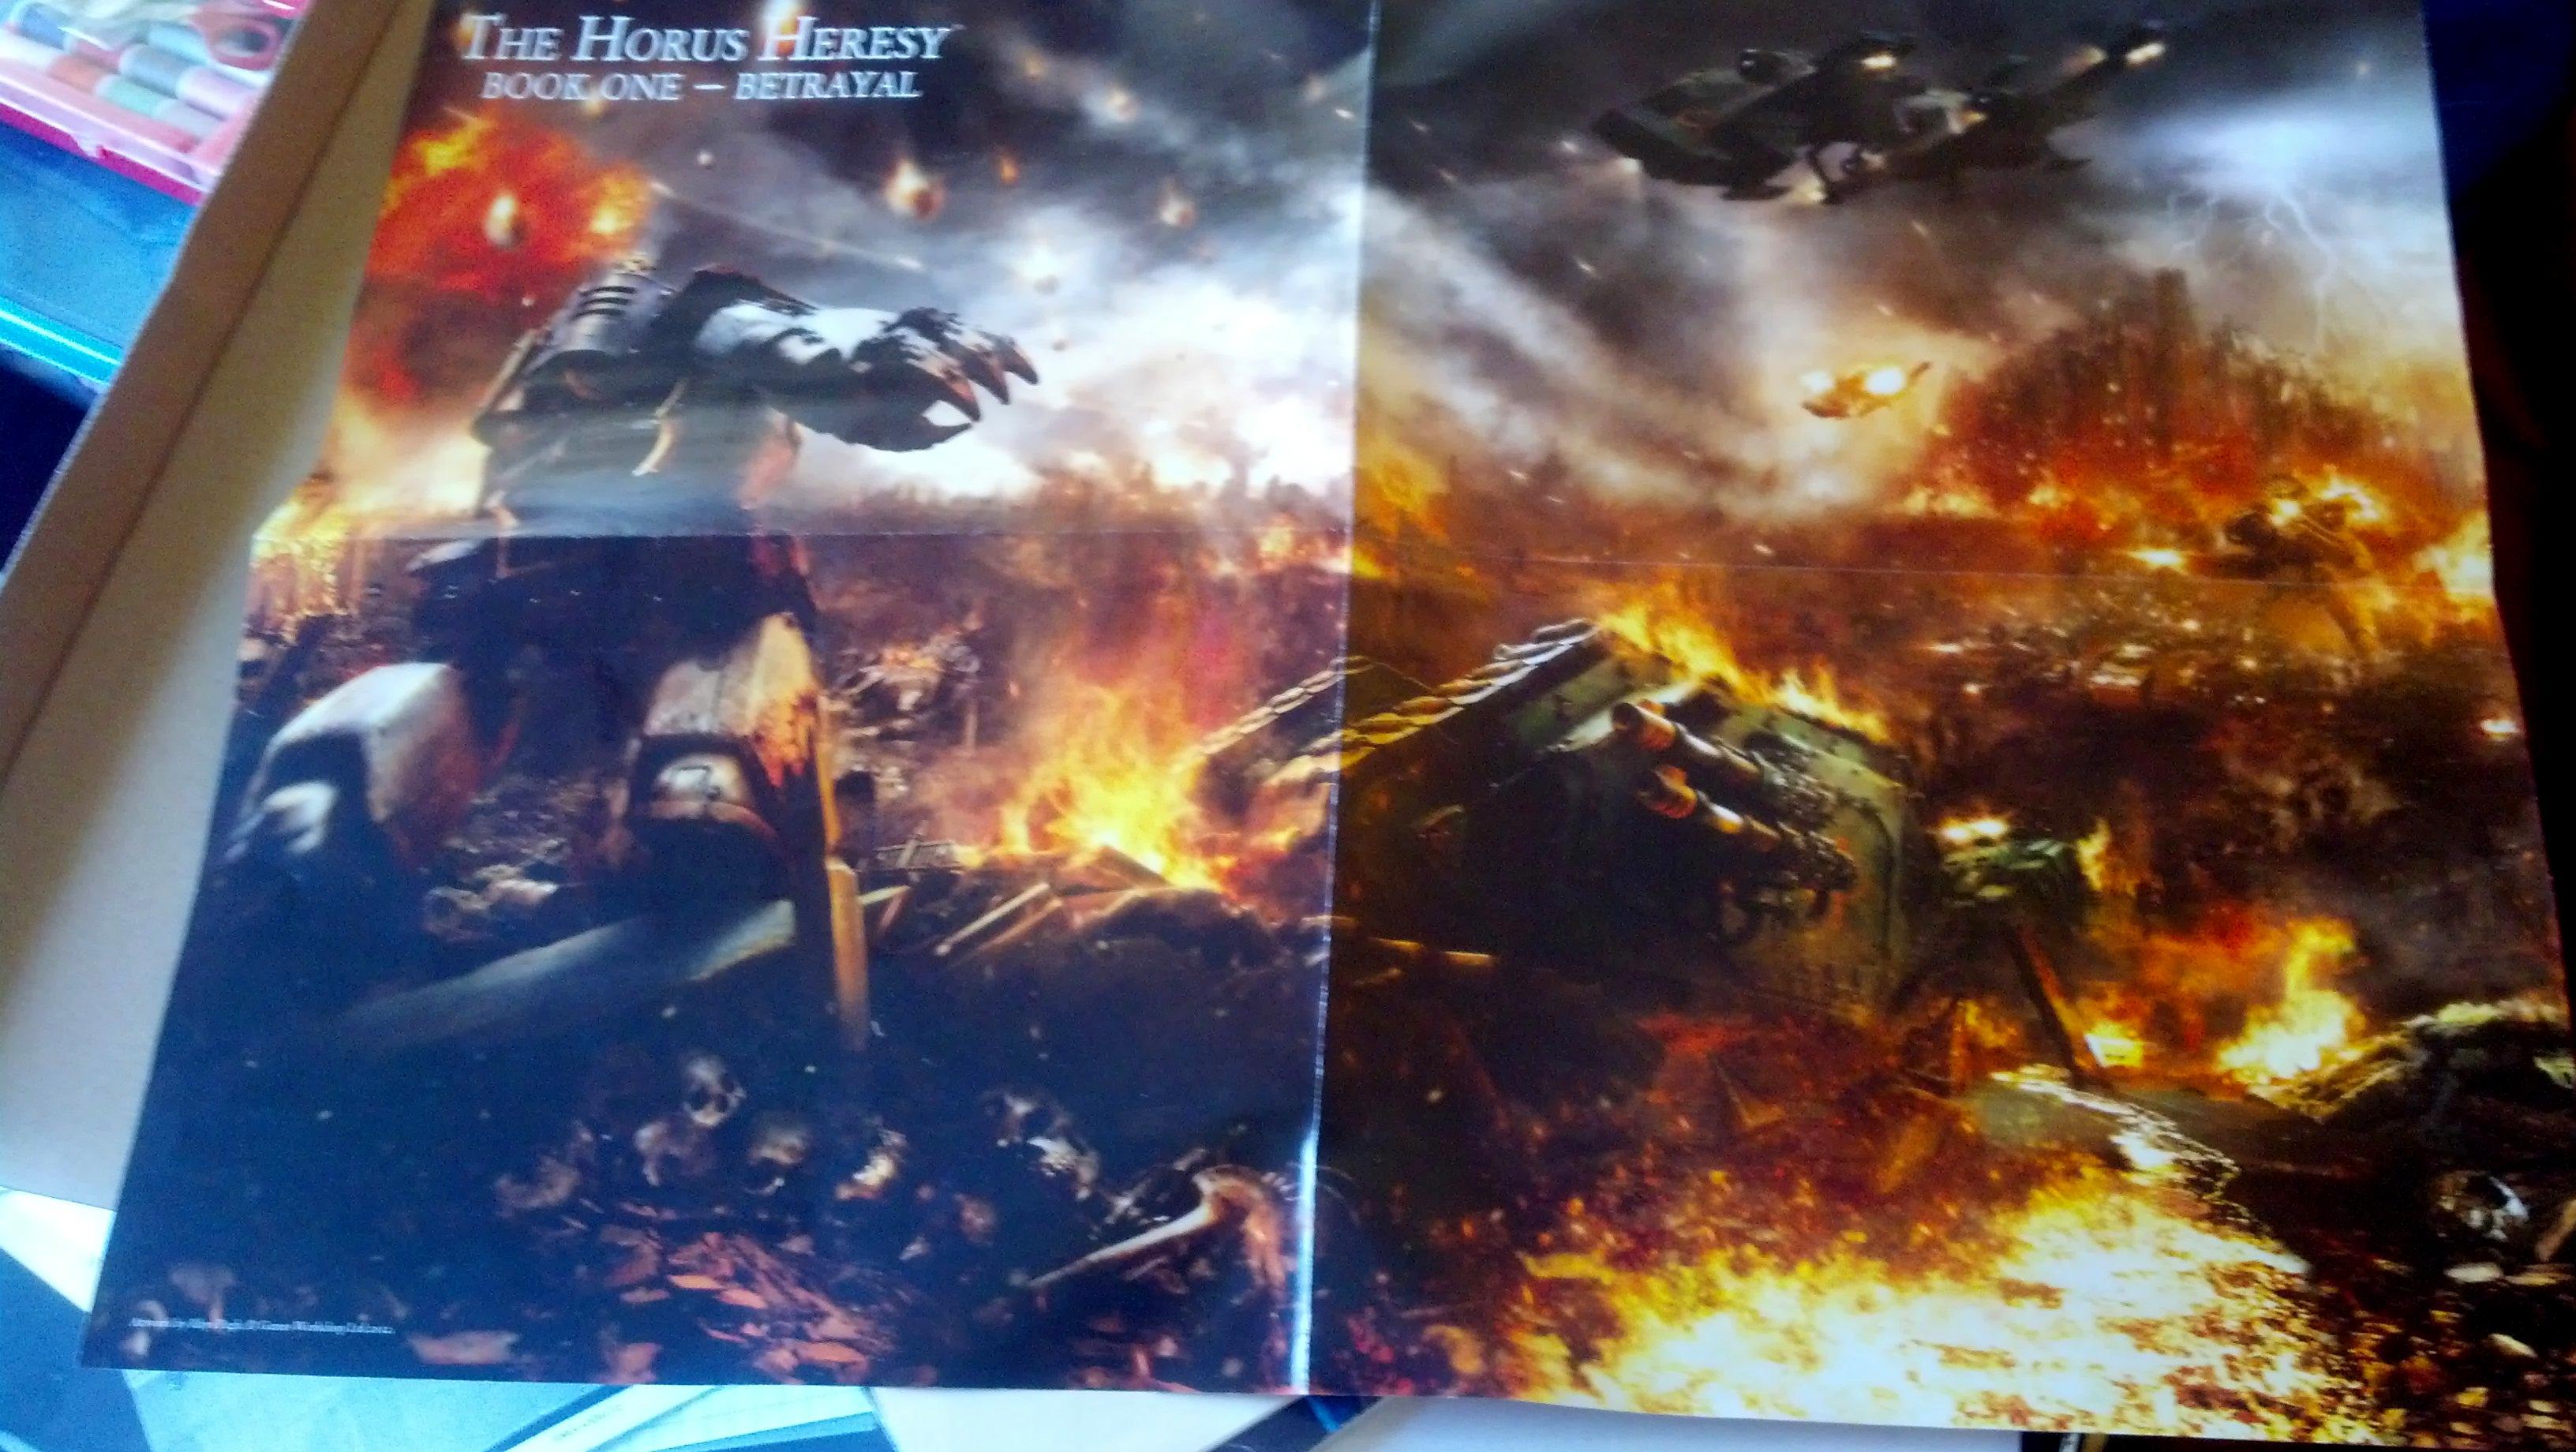 Horus Hersey Poster